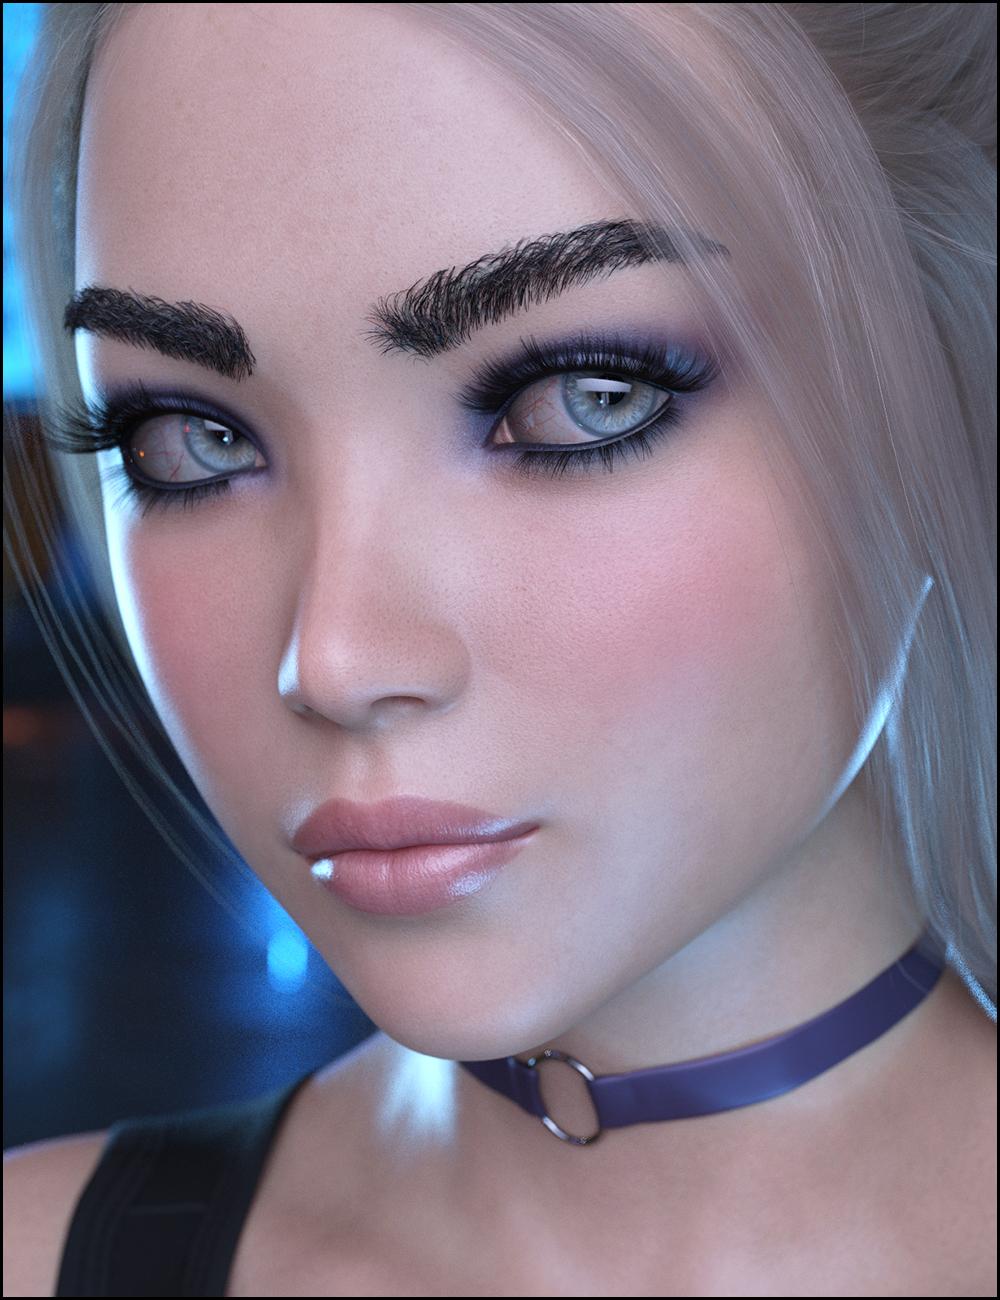 Verity for Genesis 8 Female by: JessaiiRaziel, 3D Models by Daz 3D